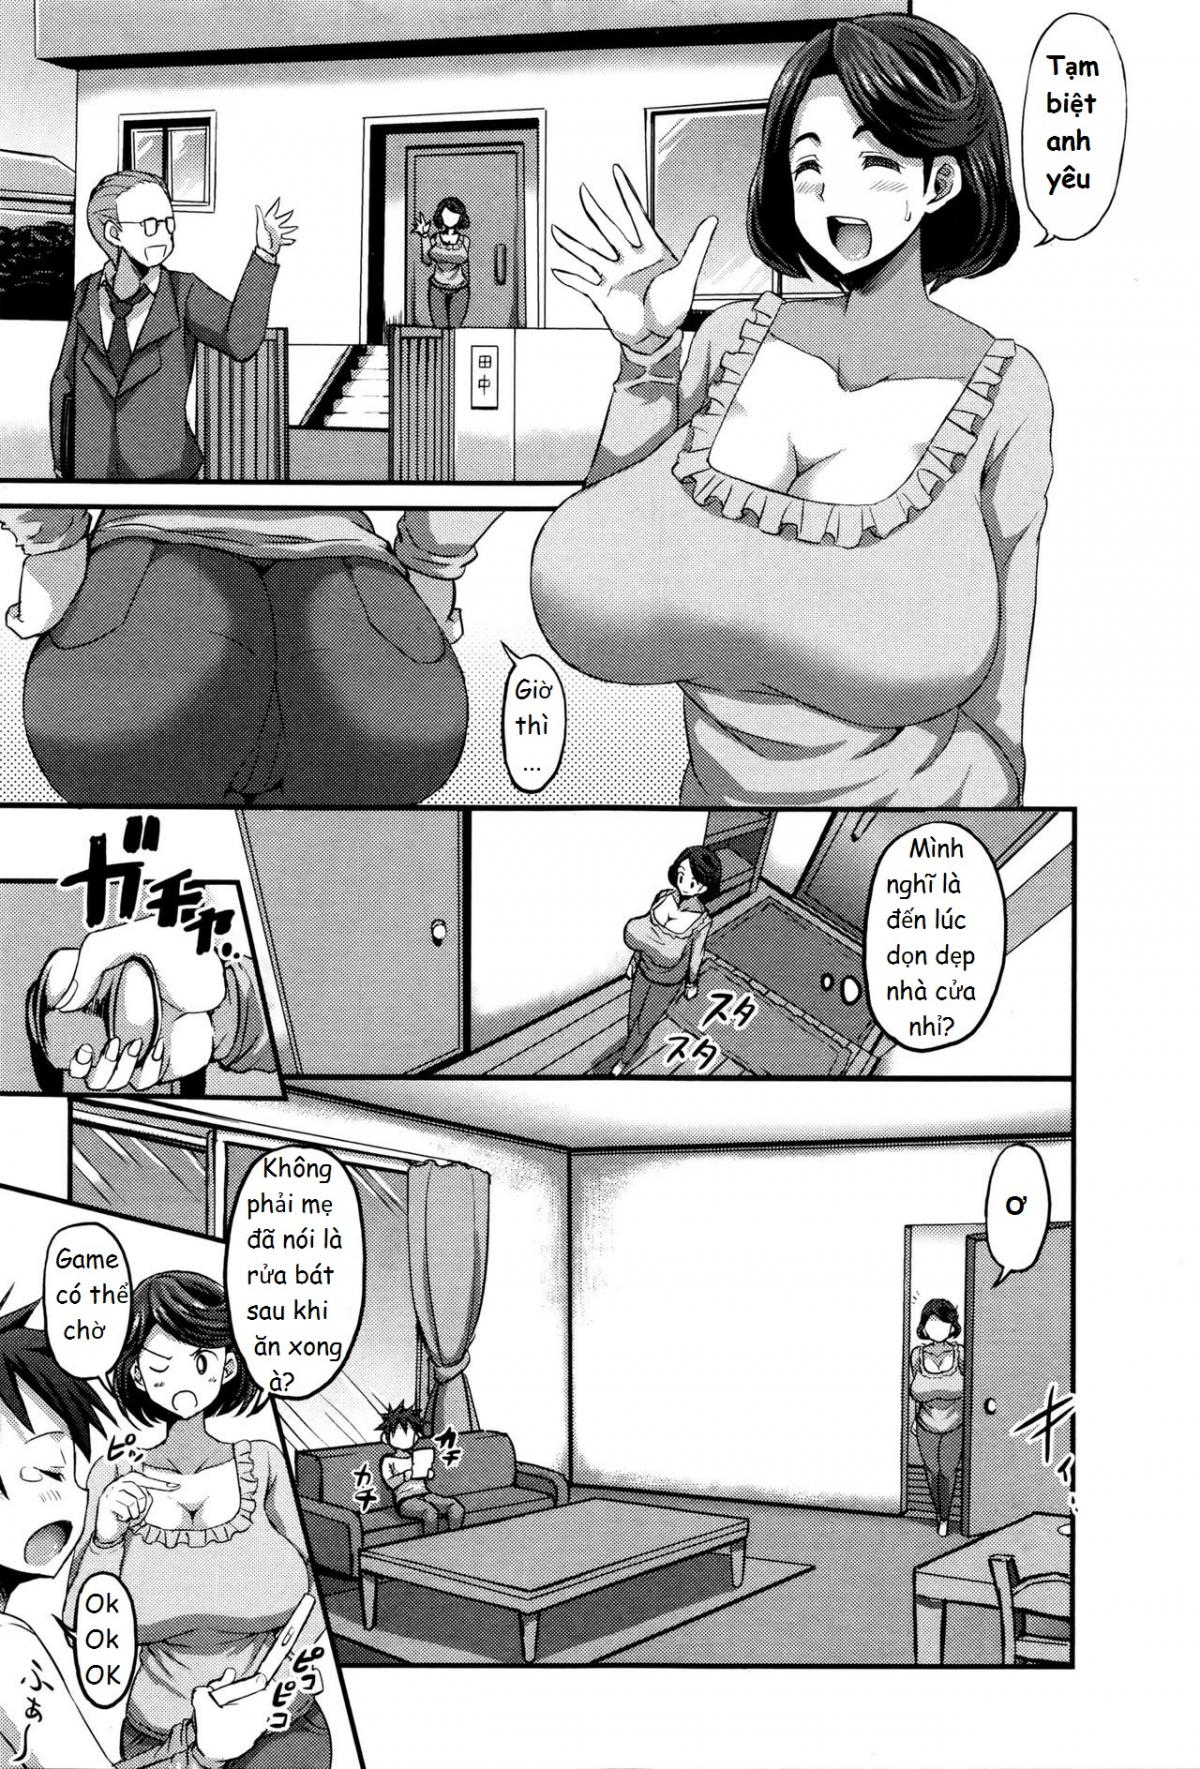 HentaiVN.net - Ảnh 9 - Inmu no Mama to Genjitsu no Okaa-san - Oneshot